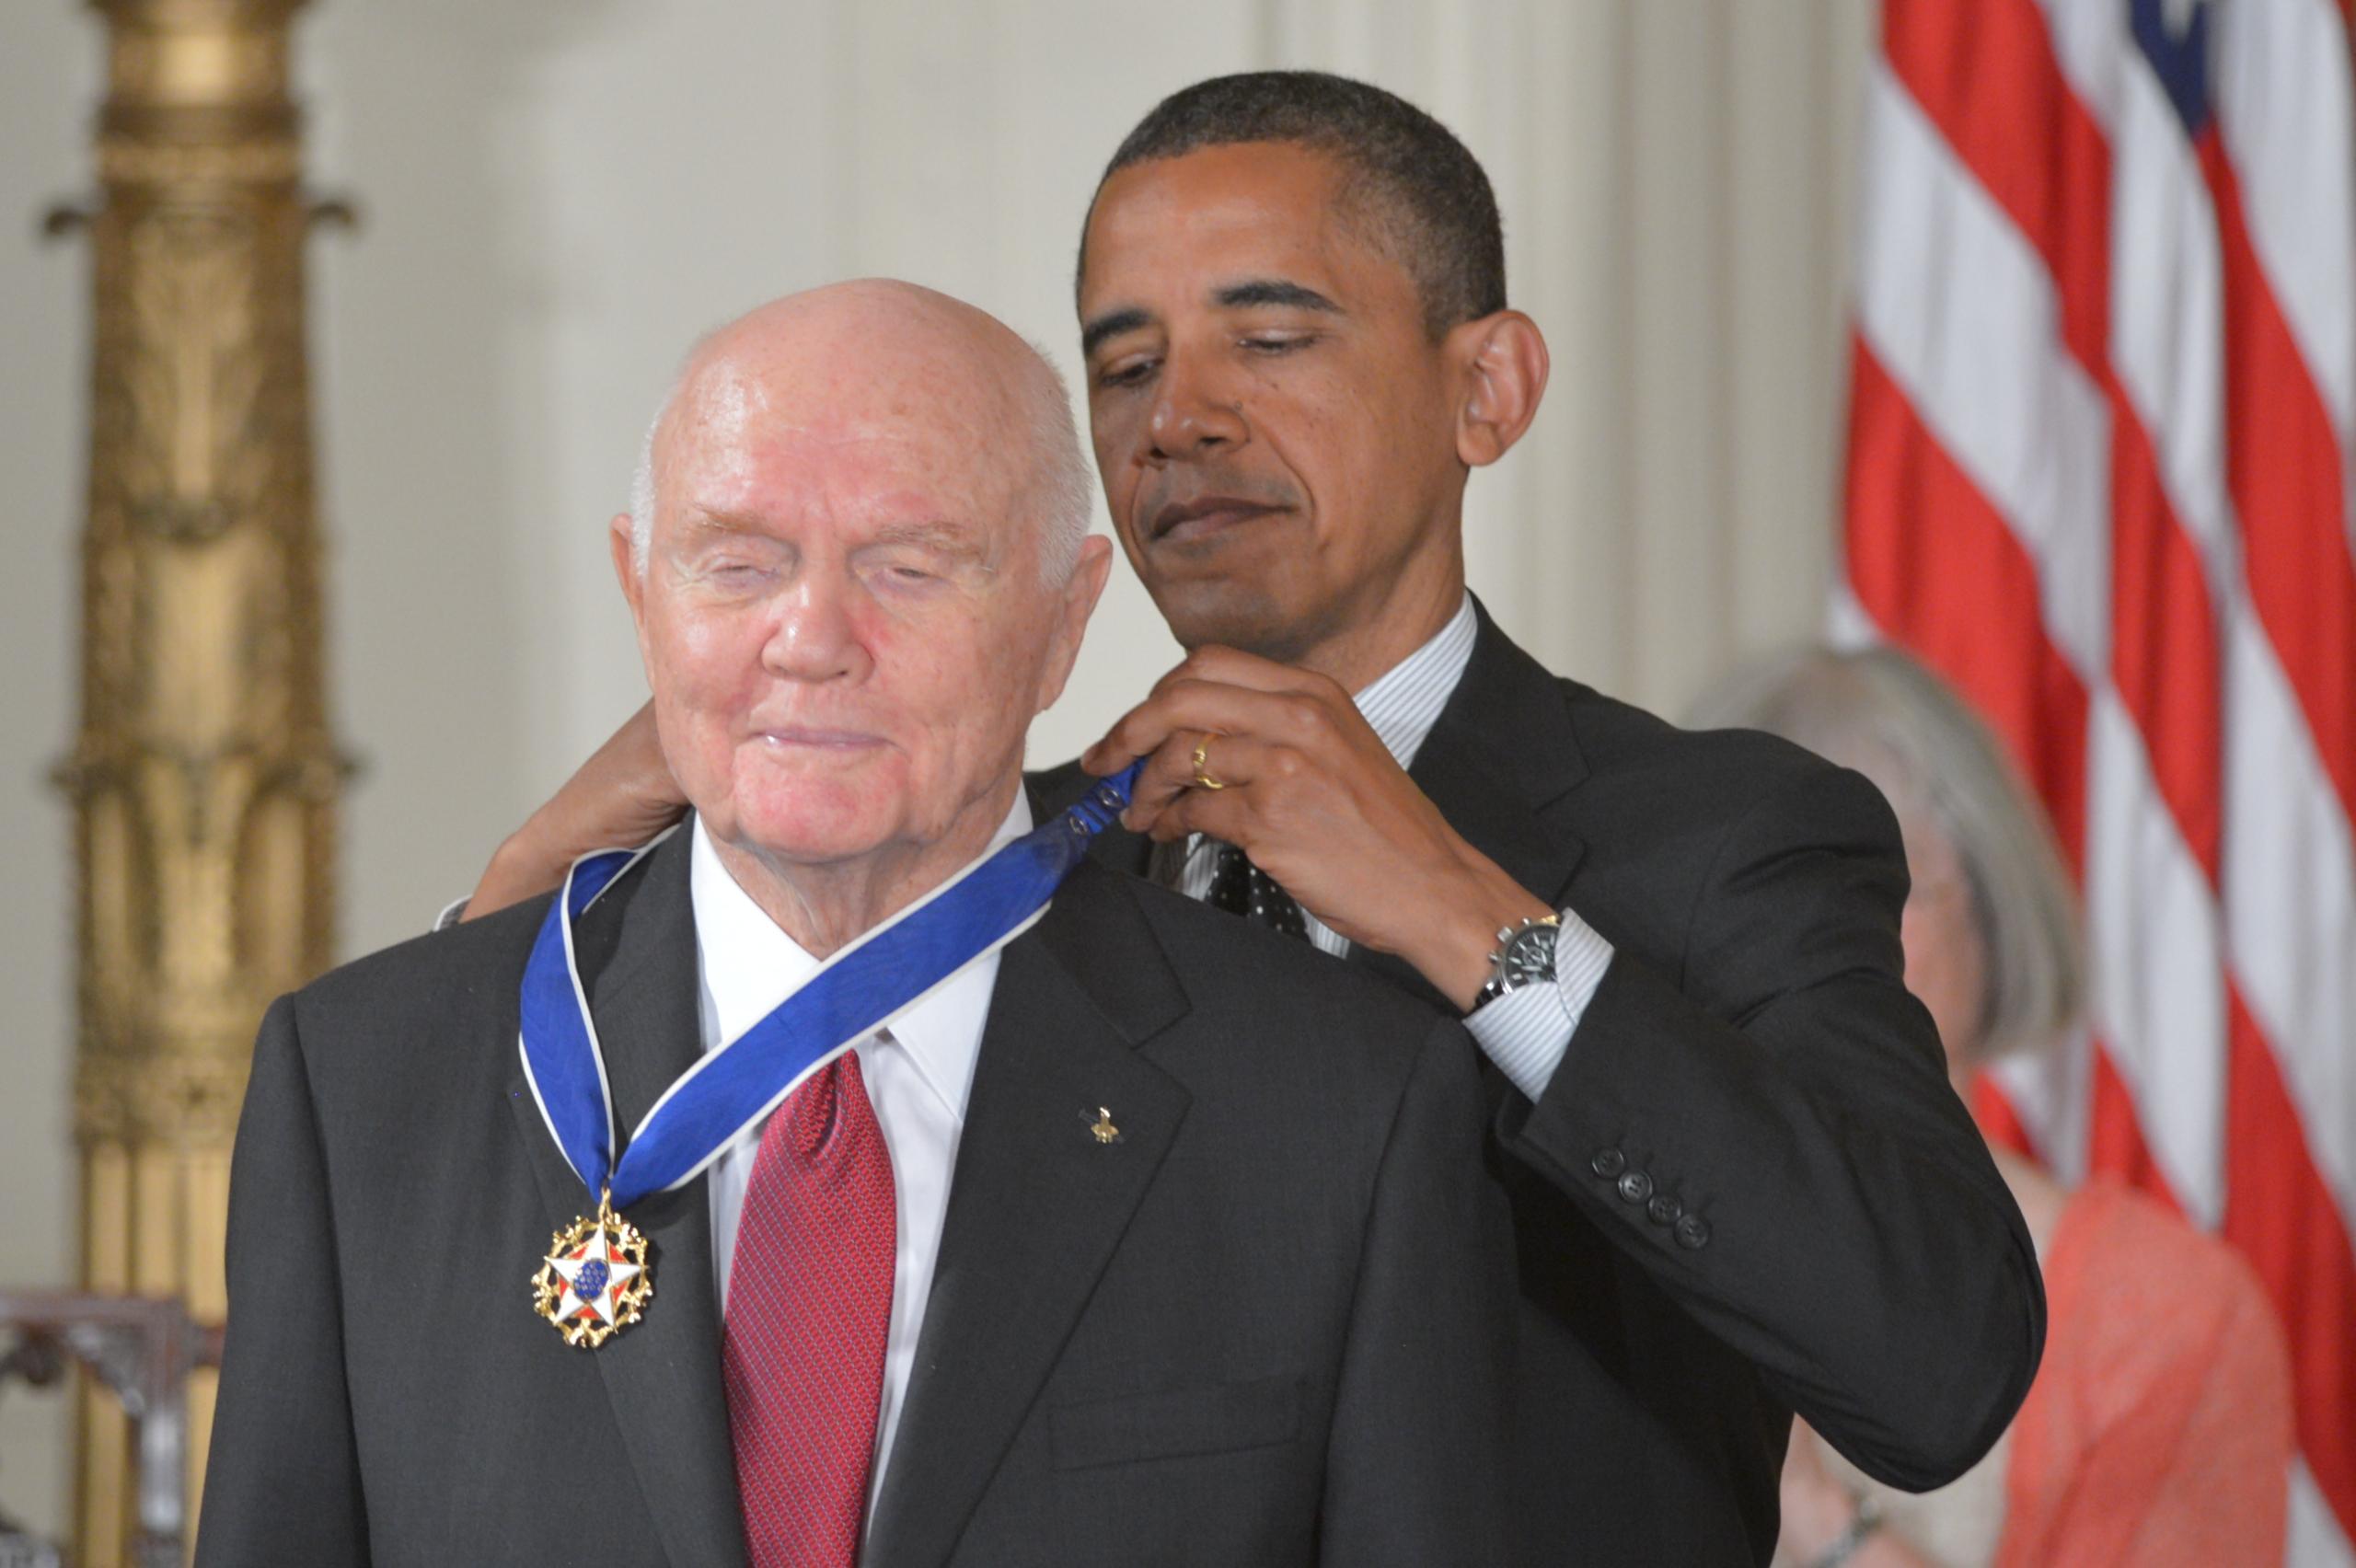 الرئيس باراك أوباما وهو يقلد جون غلين وسام الحرية الرئاسي عام 2012